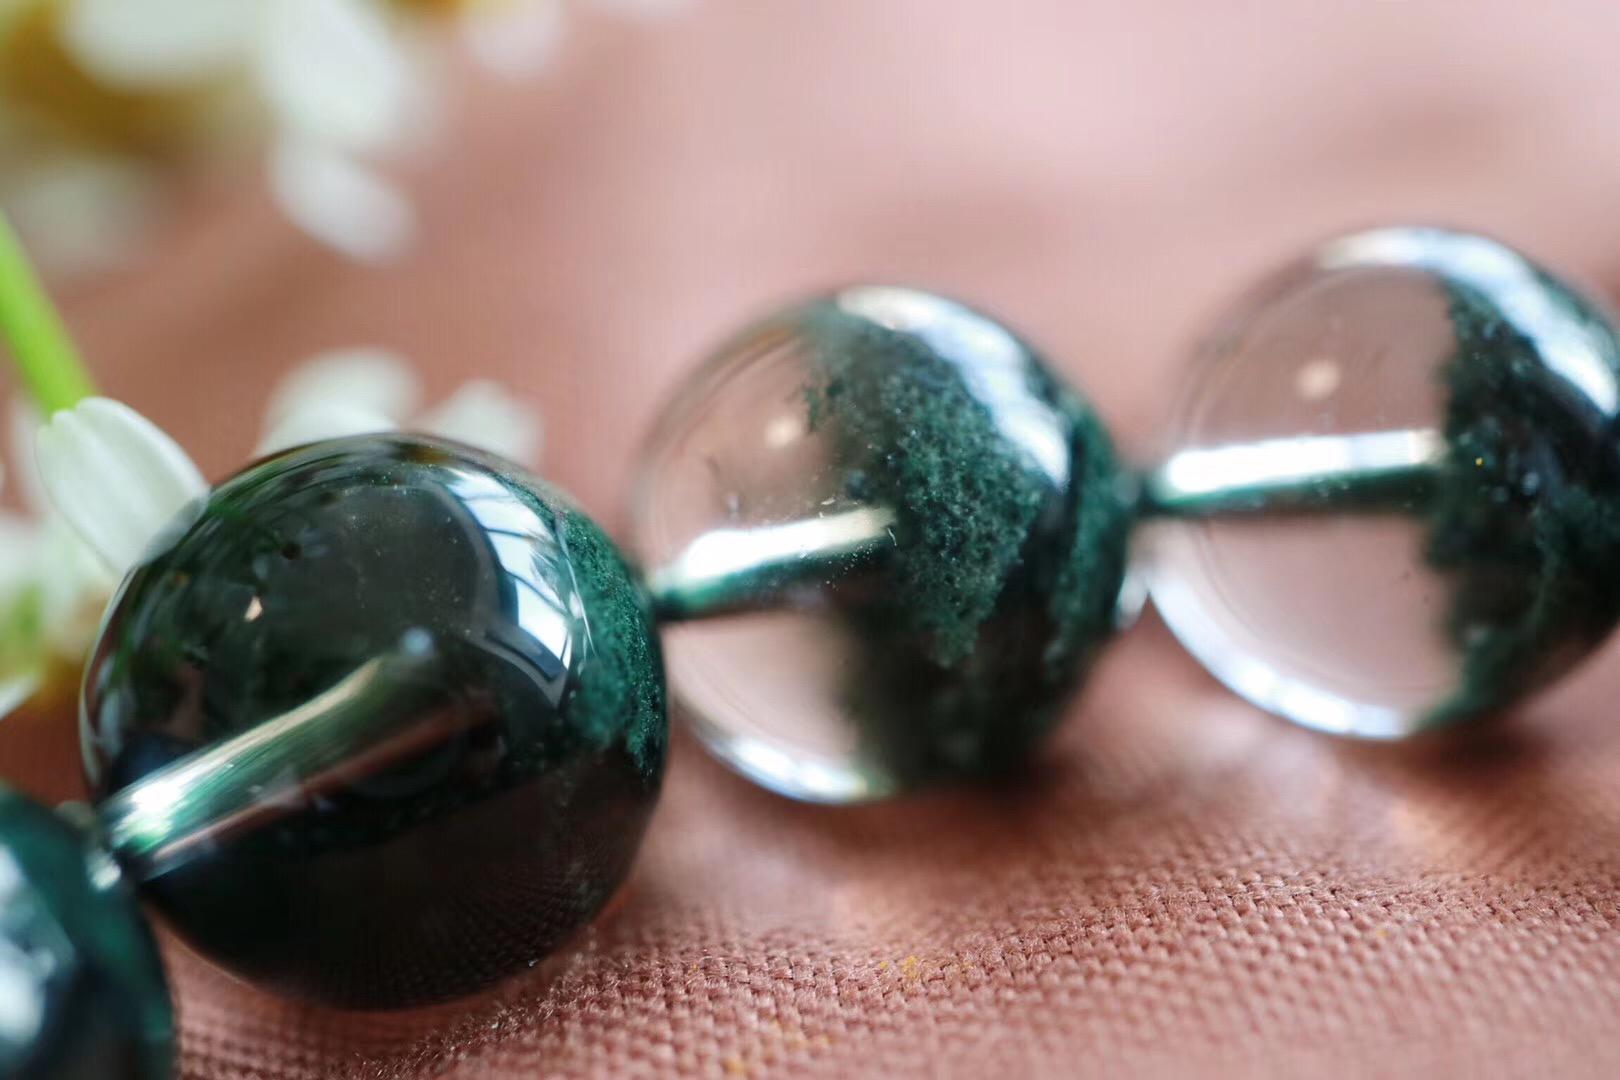 【绿幽灵聚宝盆】一抹绿代表着大地的能量对心轮深深的疗愈-菩心晶舍